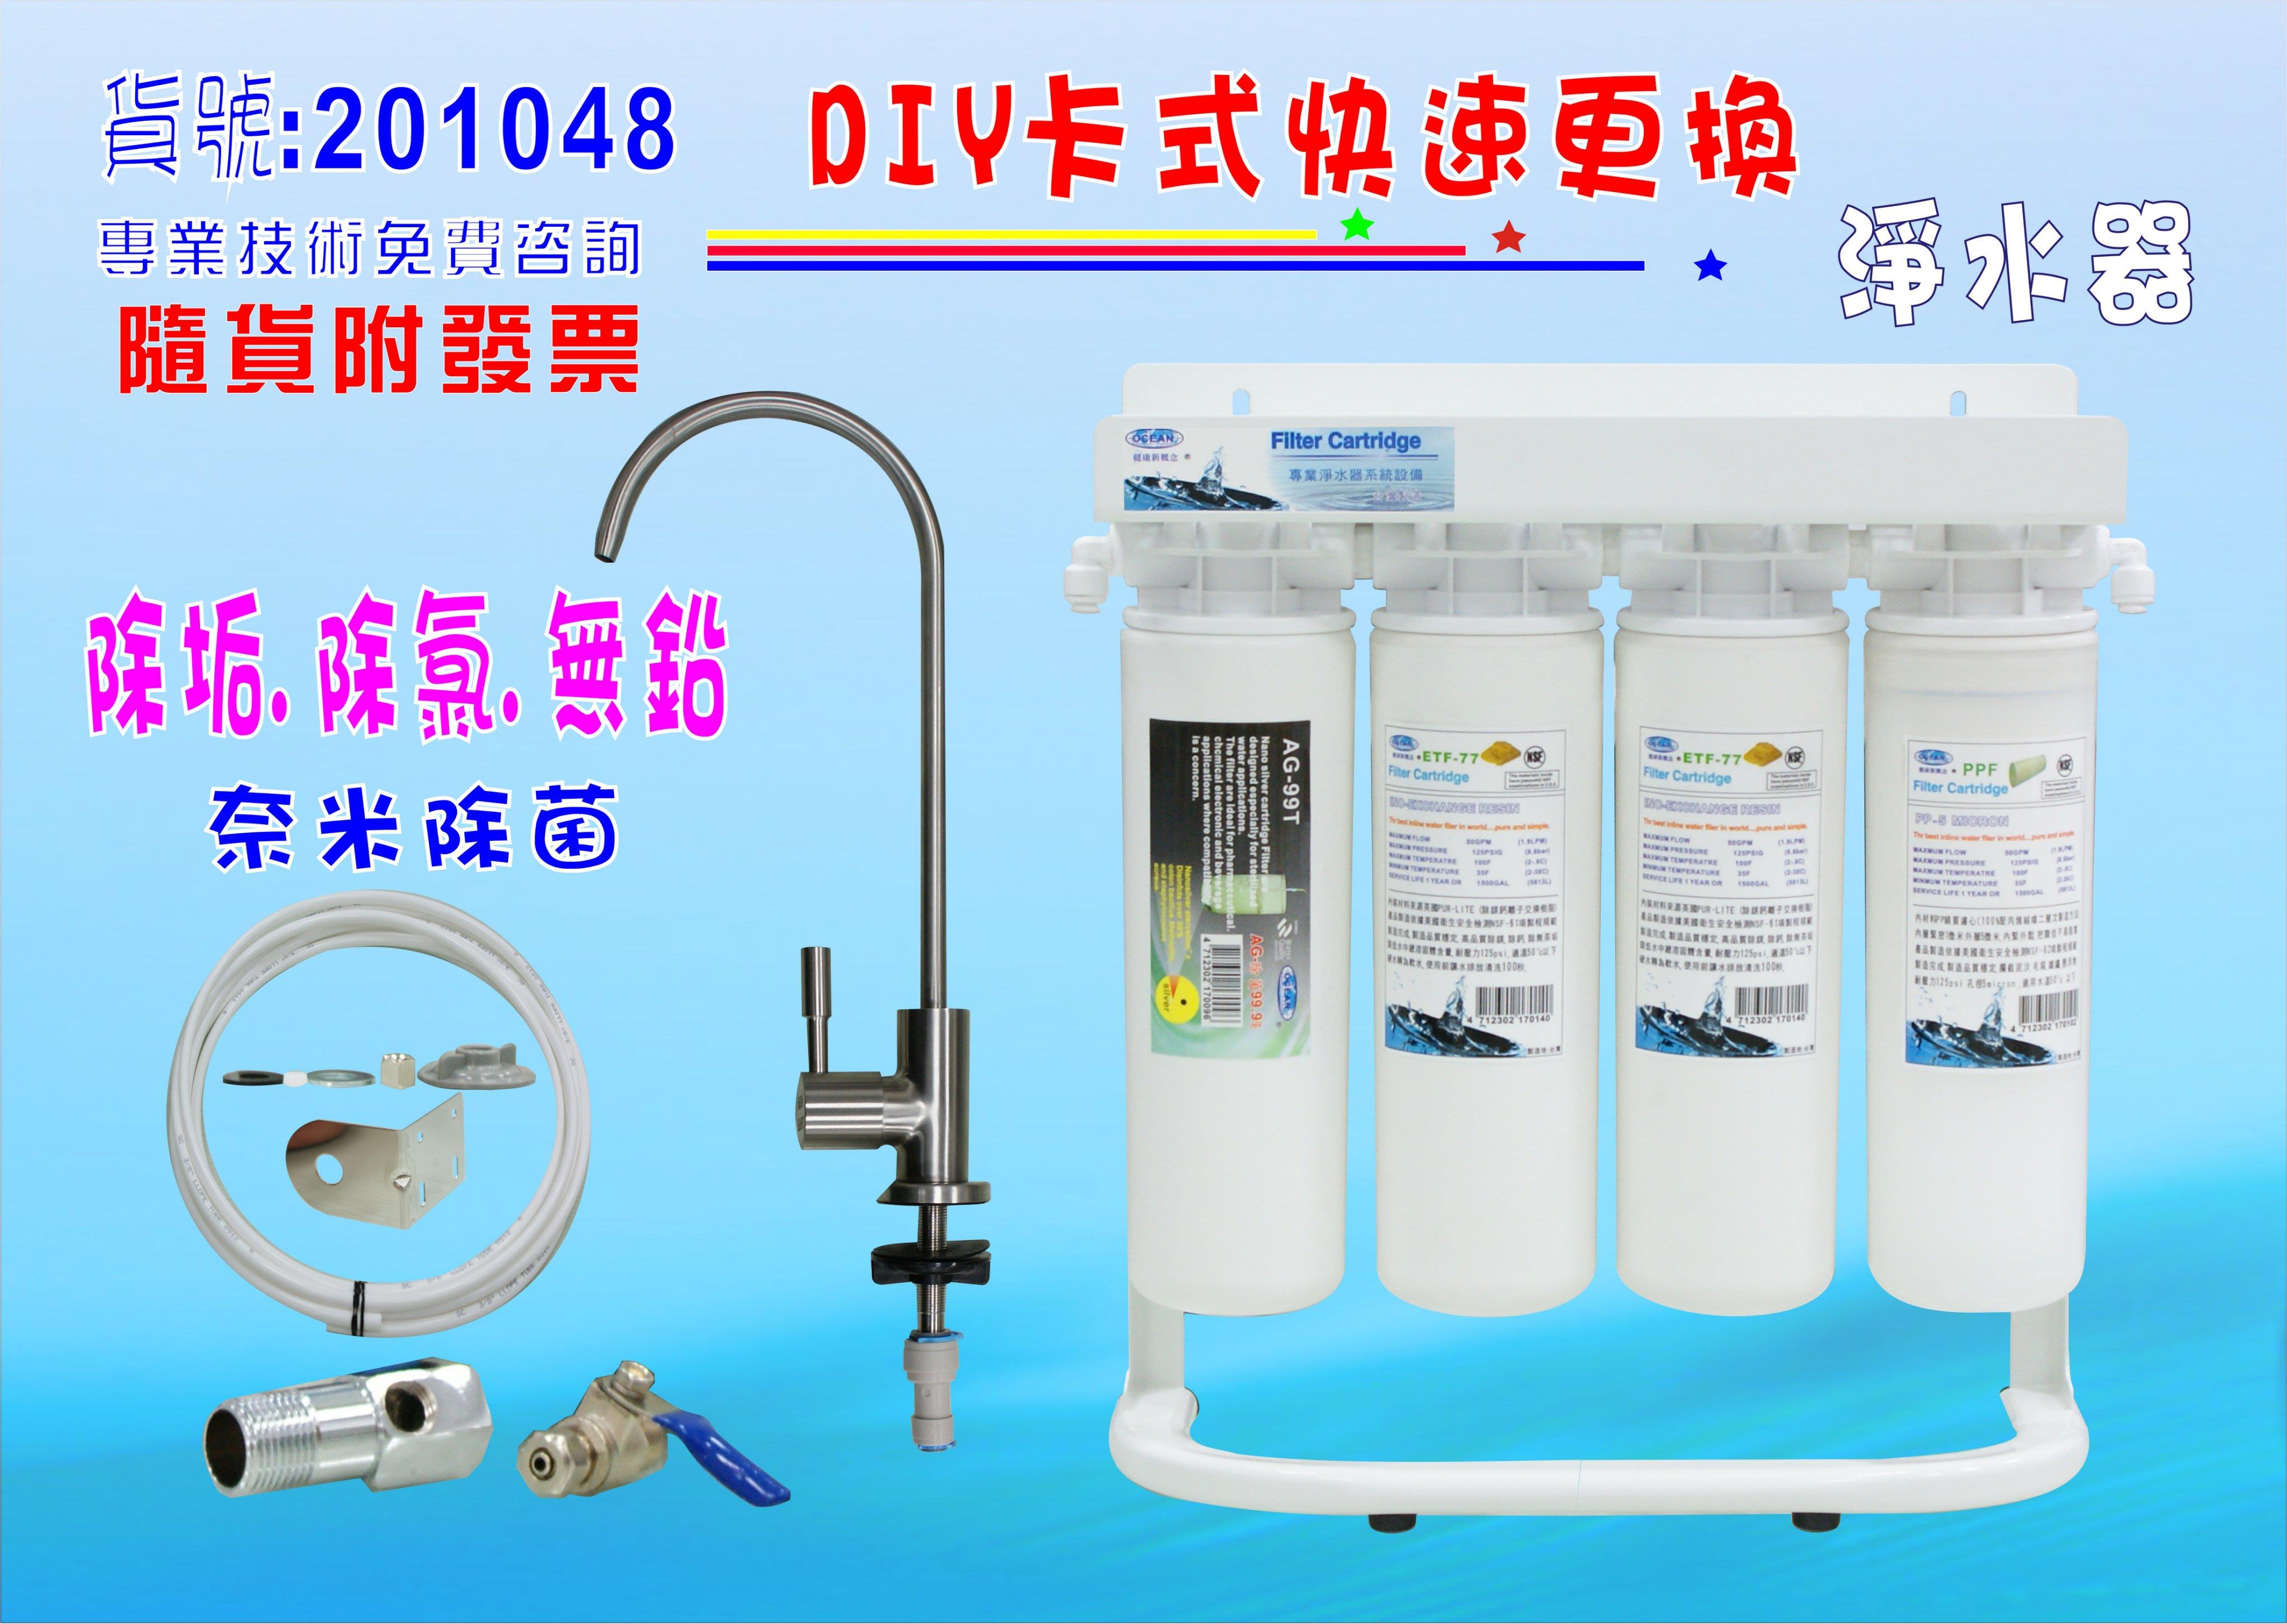 【七星洋淨水】OCEAN濾心DIY快速更換卡式304不銹鋼鵝頸龍頭淨水器電解水機前置濾水器.過濾器.貨號201048